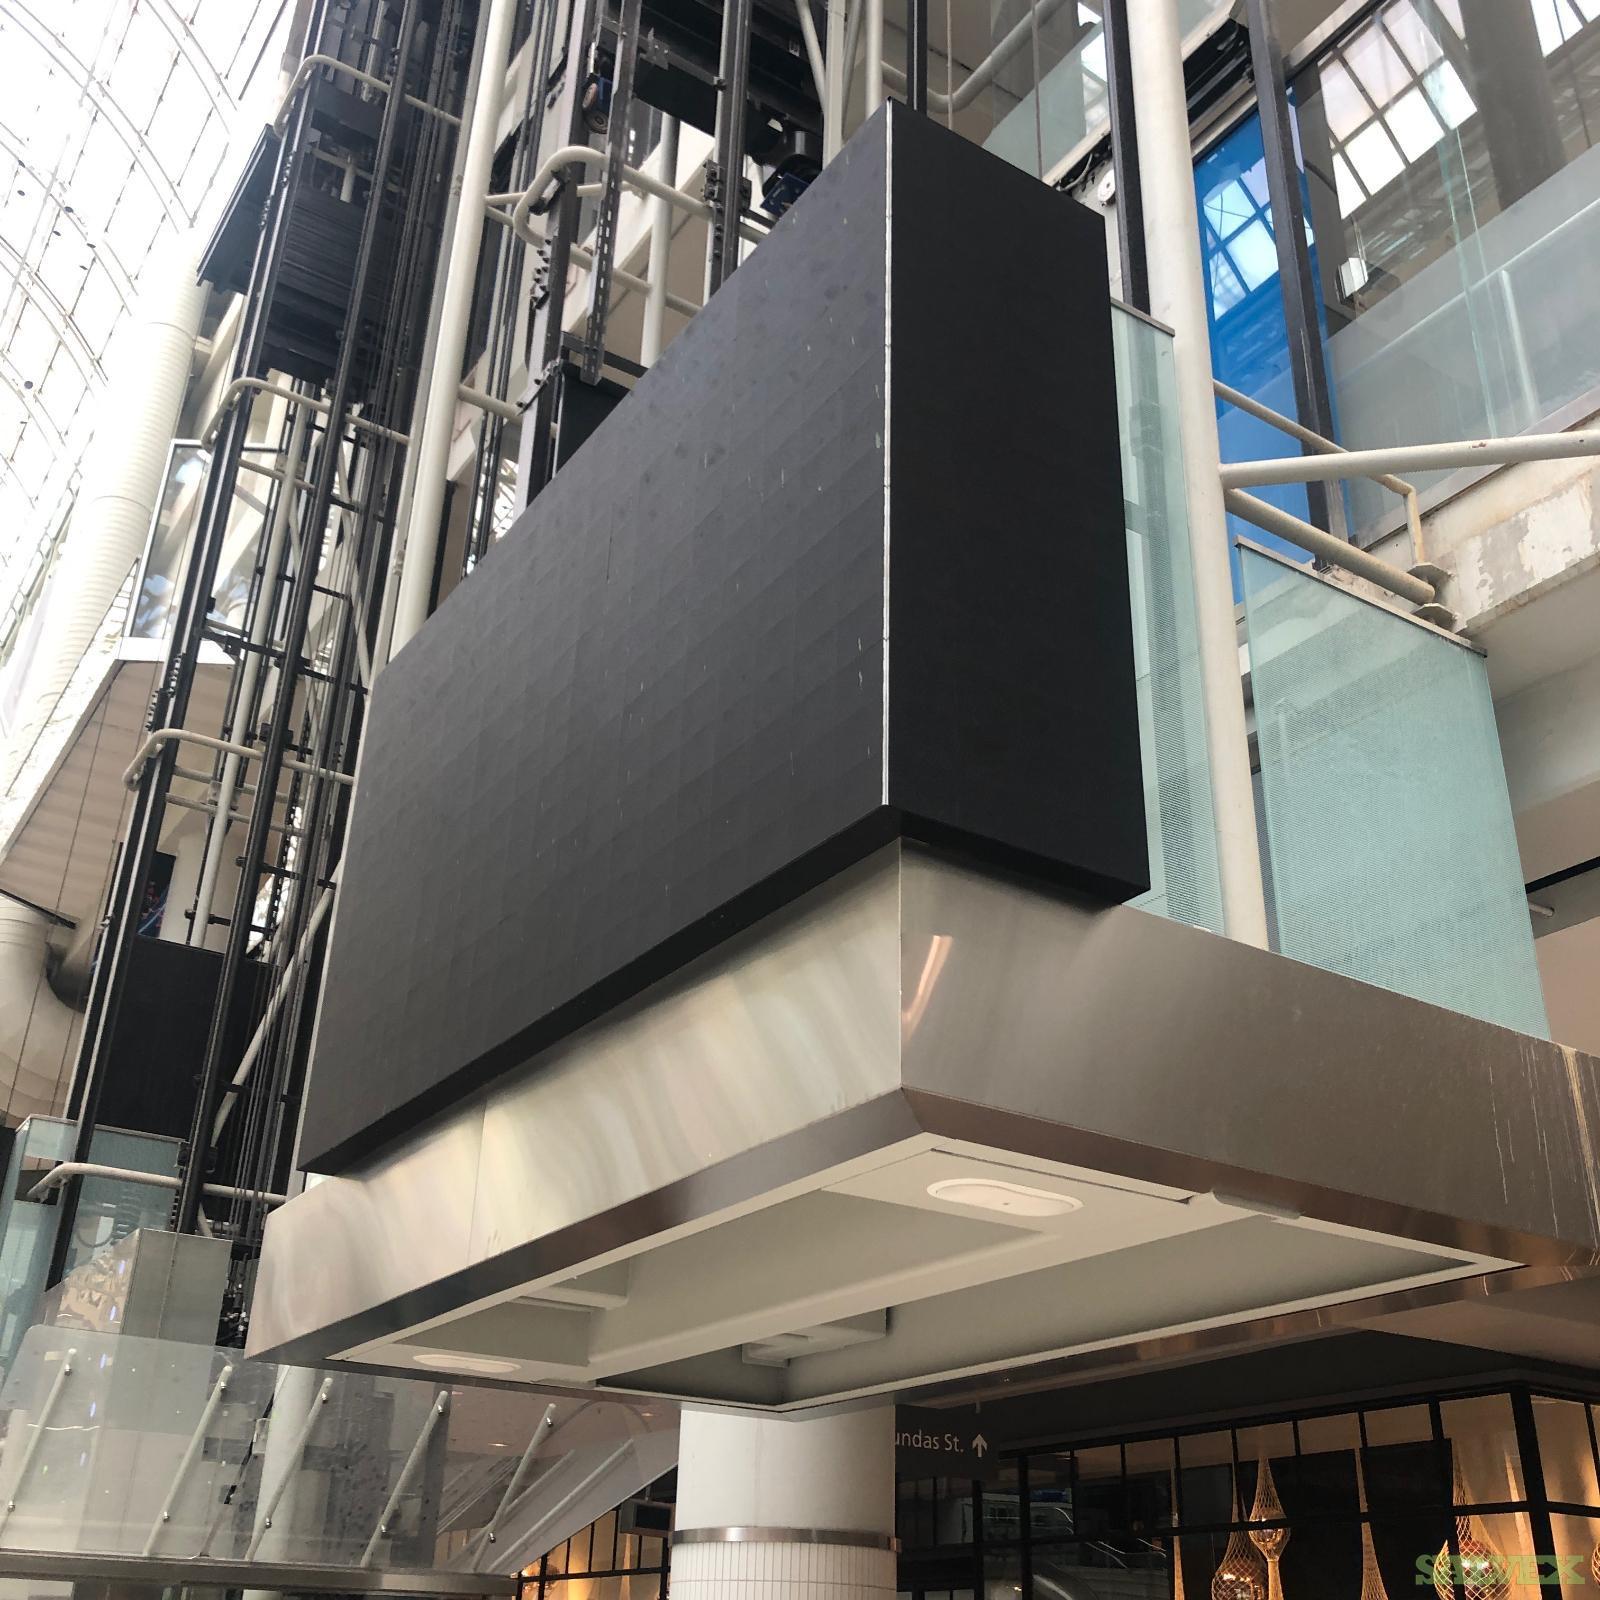 Damaged Led Monitor in Toronto ON, Canada